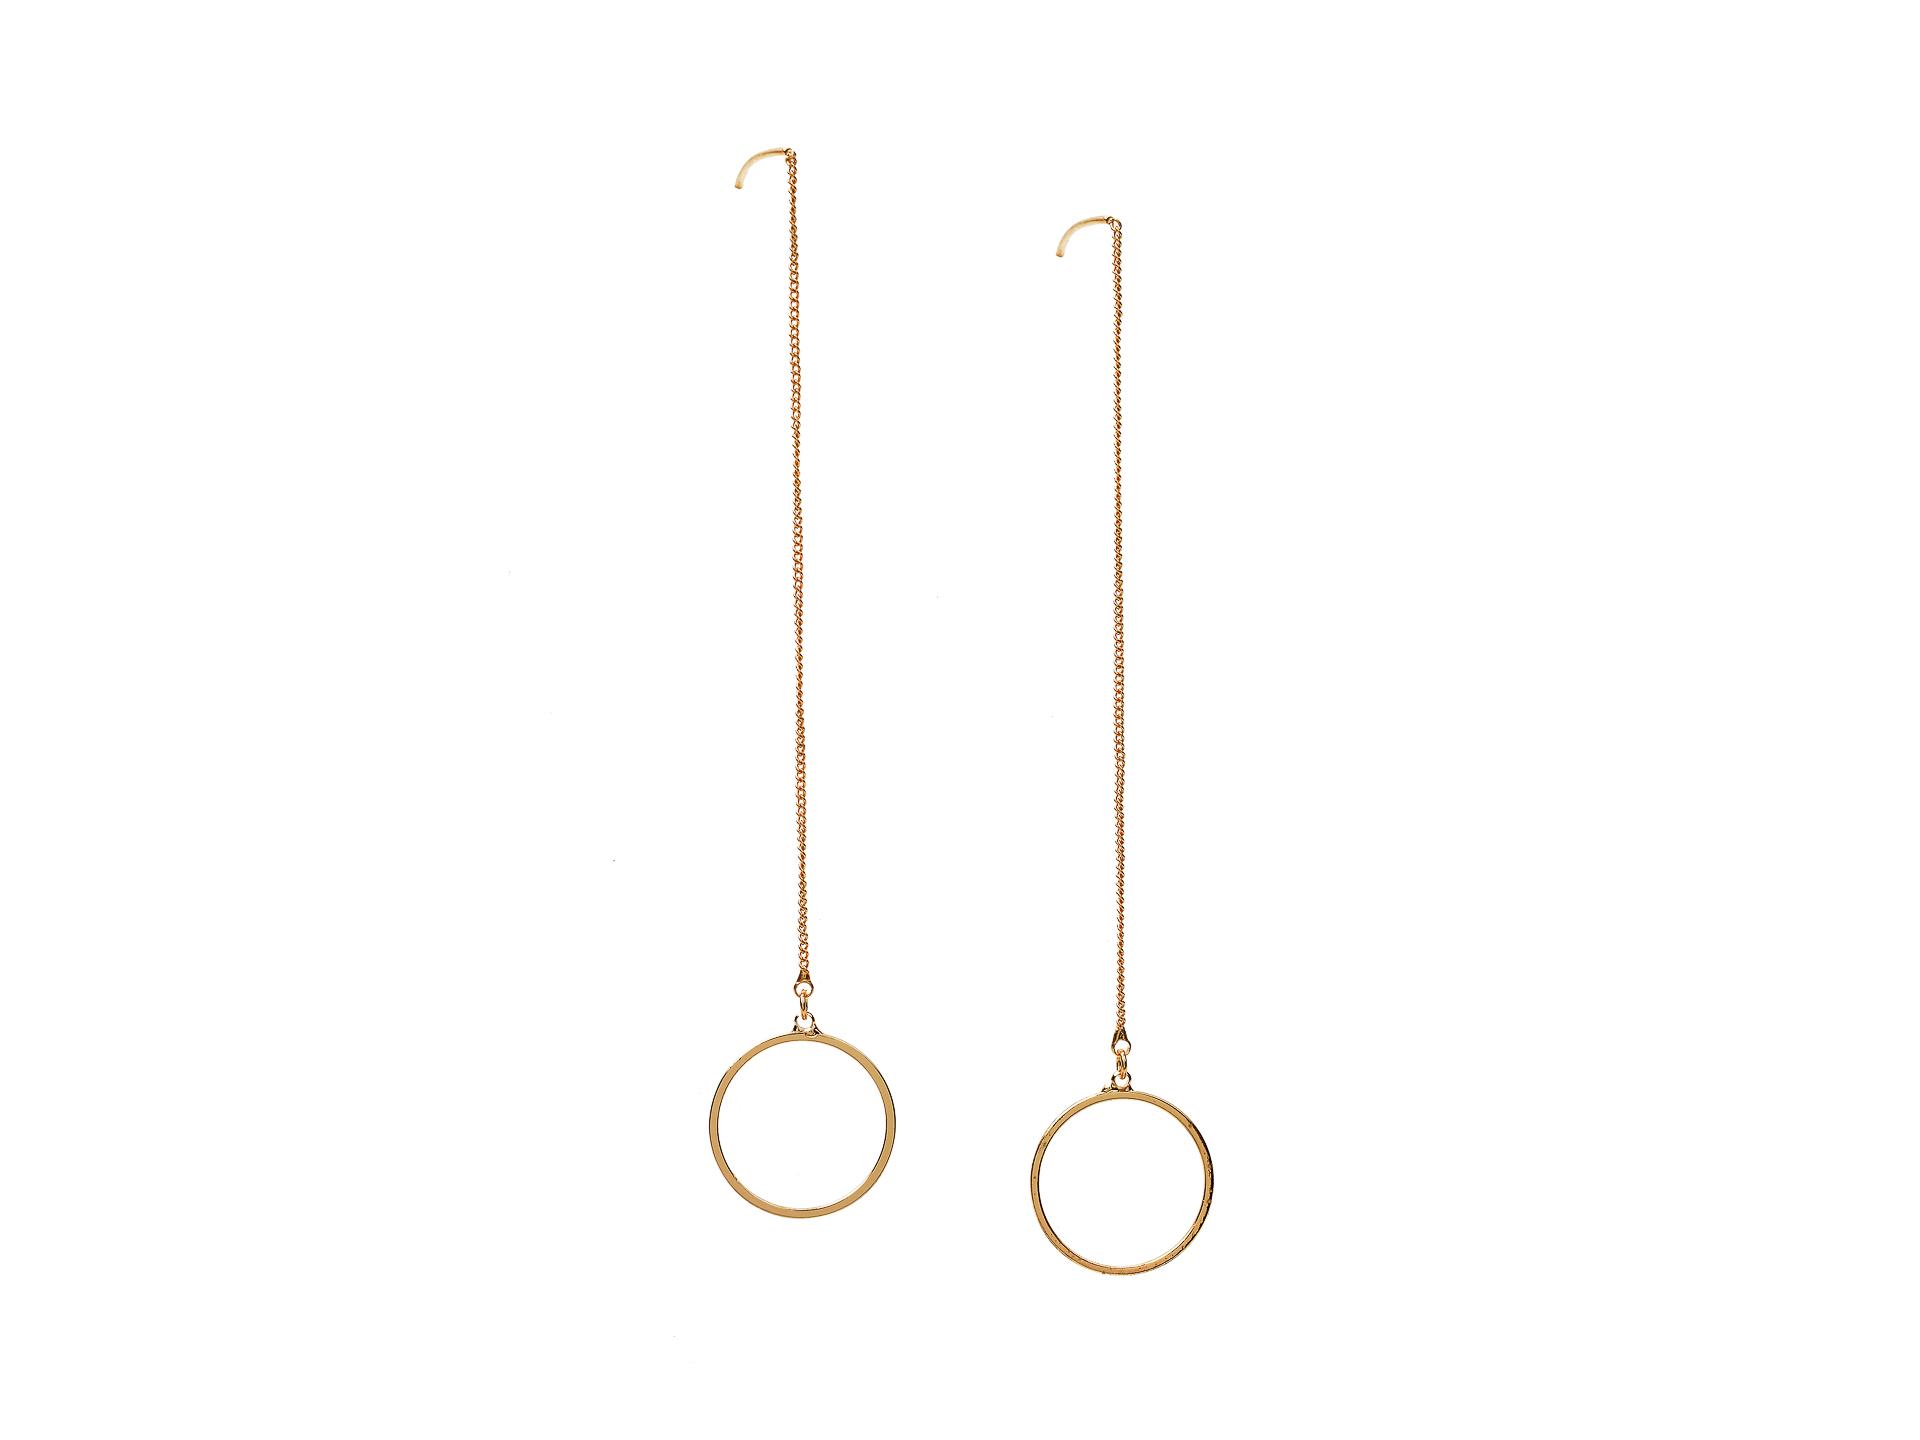 Cercei ALDO aurii, Rostagni710, din metal